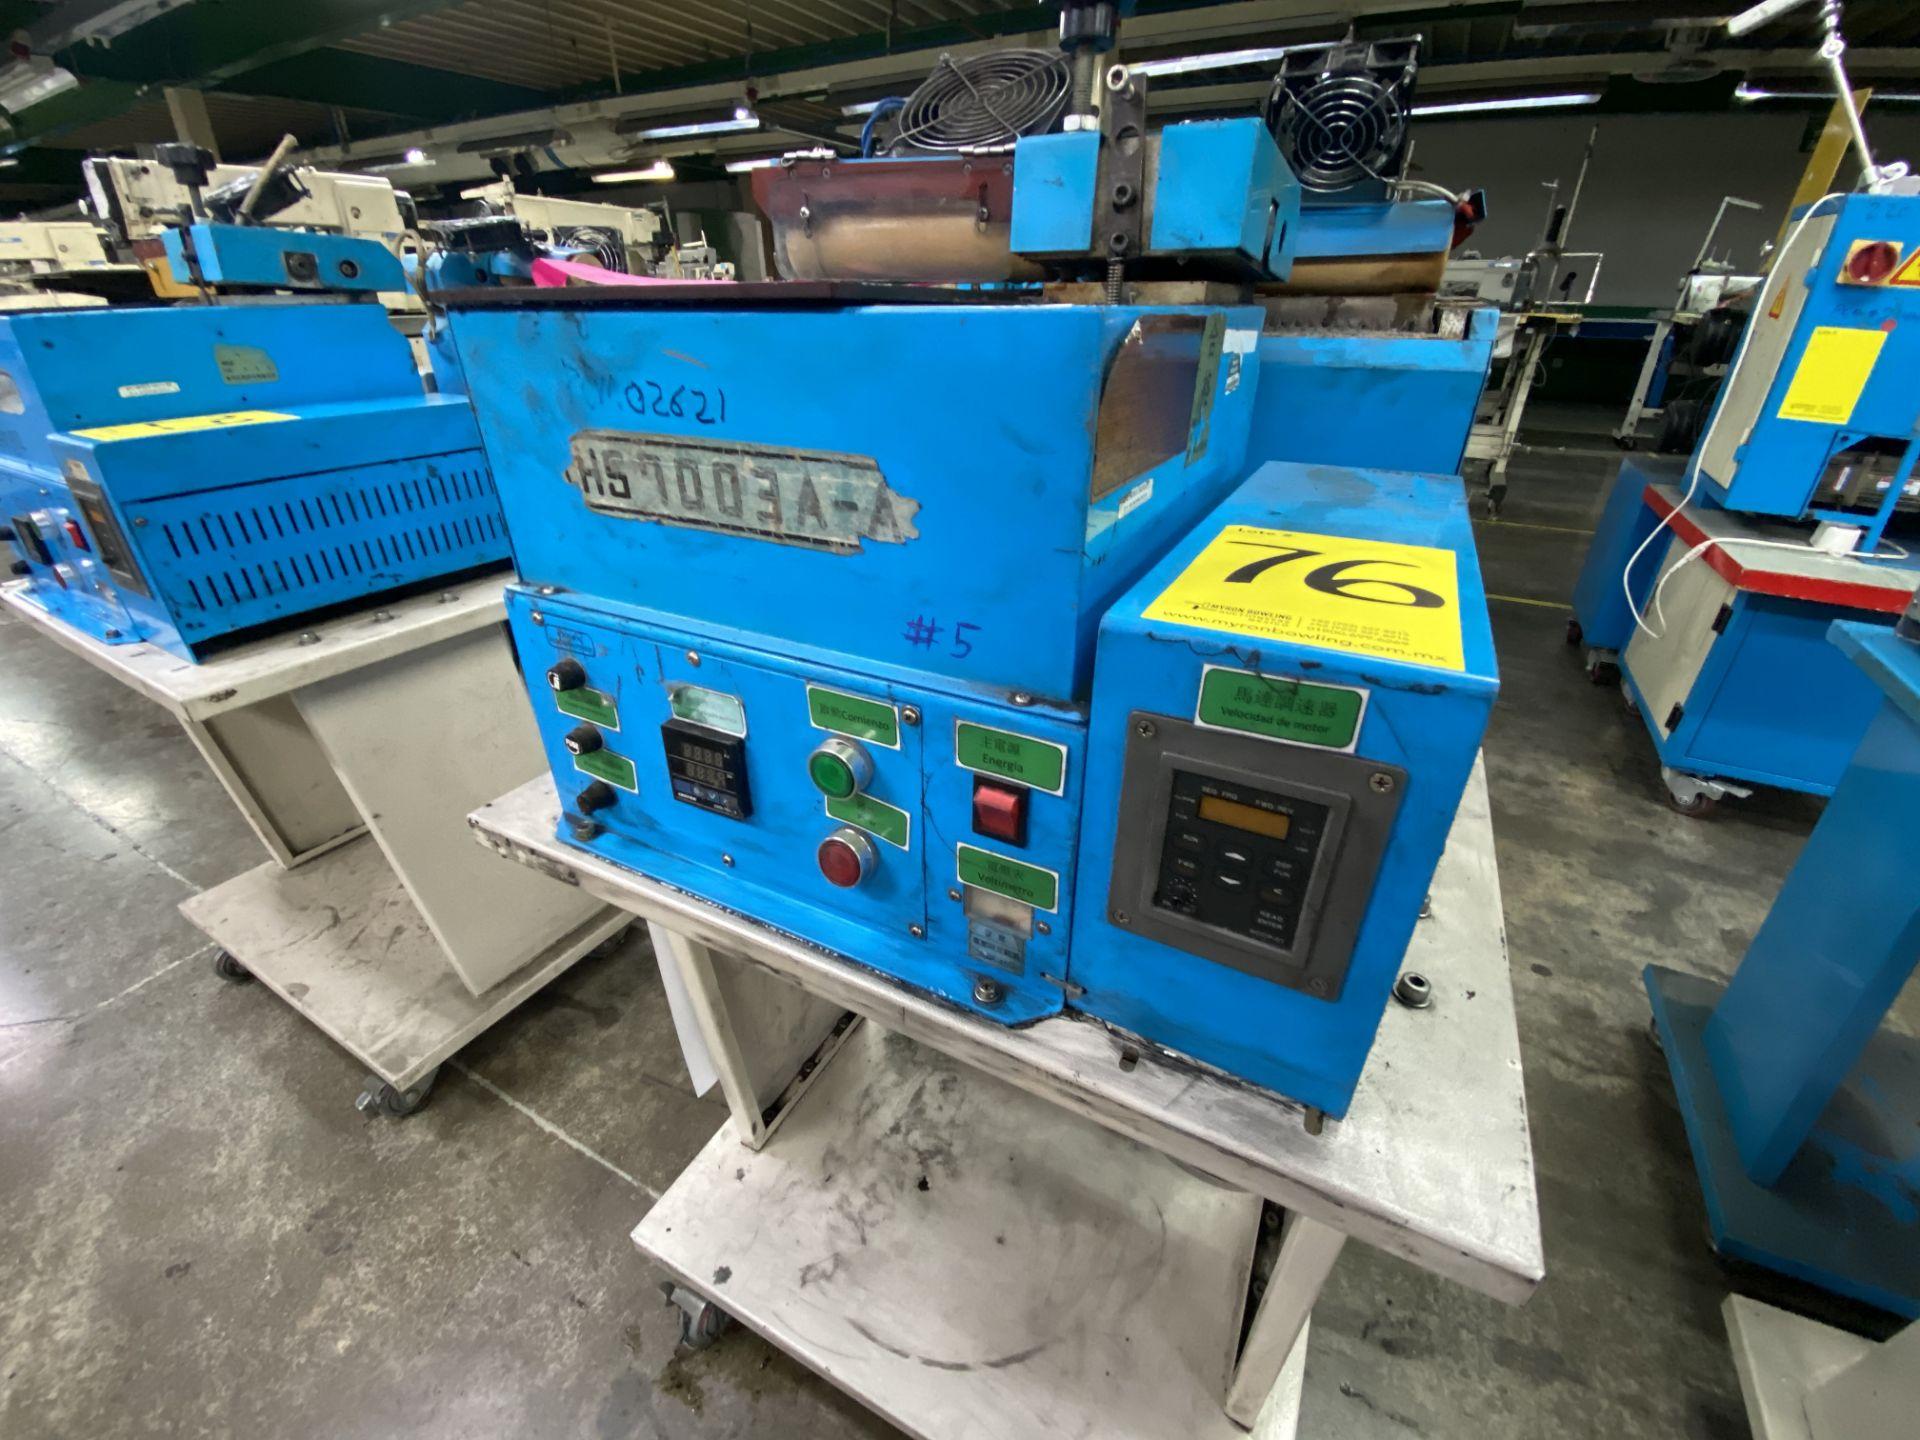 Lot 76 - (2) Mini glue de rodillo marca Hwang Sun Enterprise, Modelo: HS7003A-A